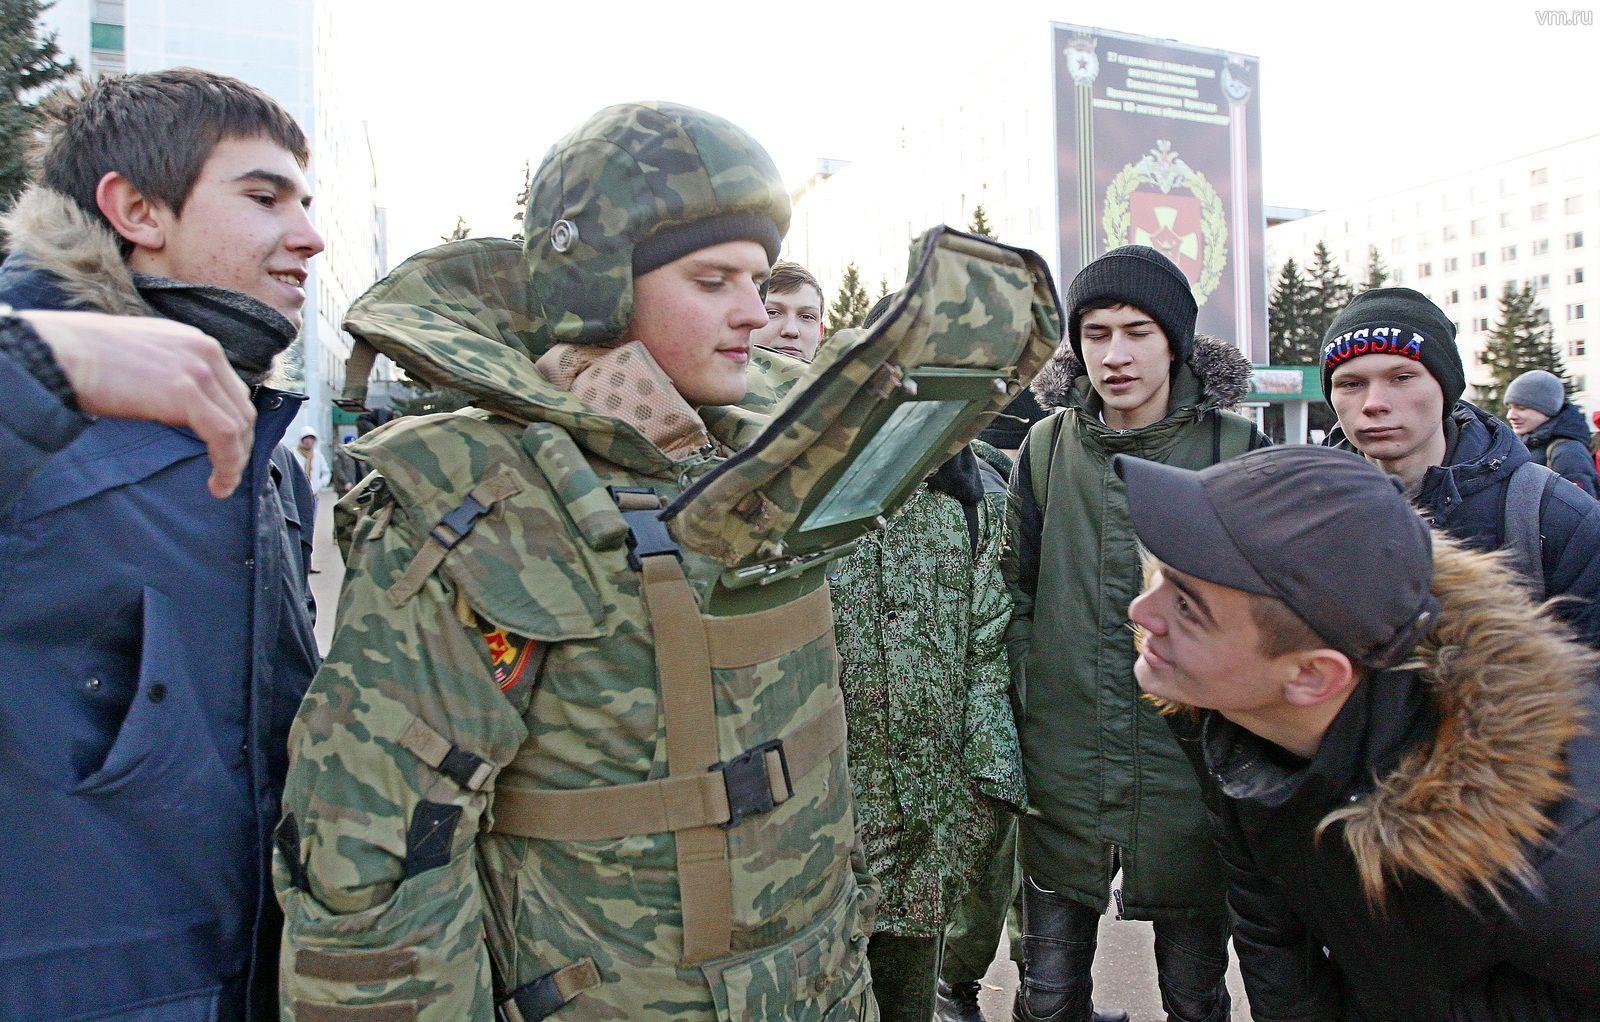 Экскурсия в армию: День призывника организовали в поселке Мосрентген